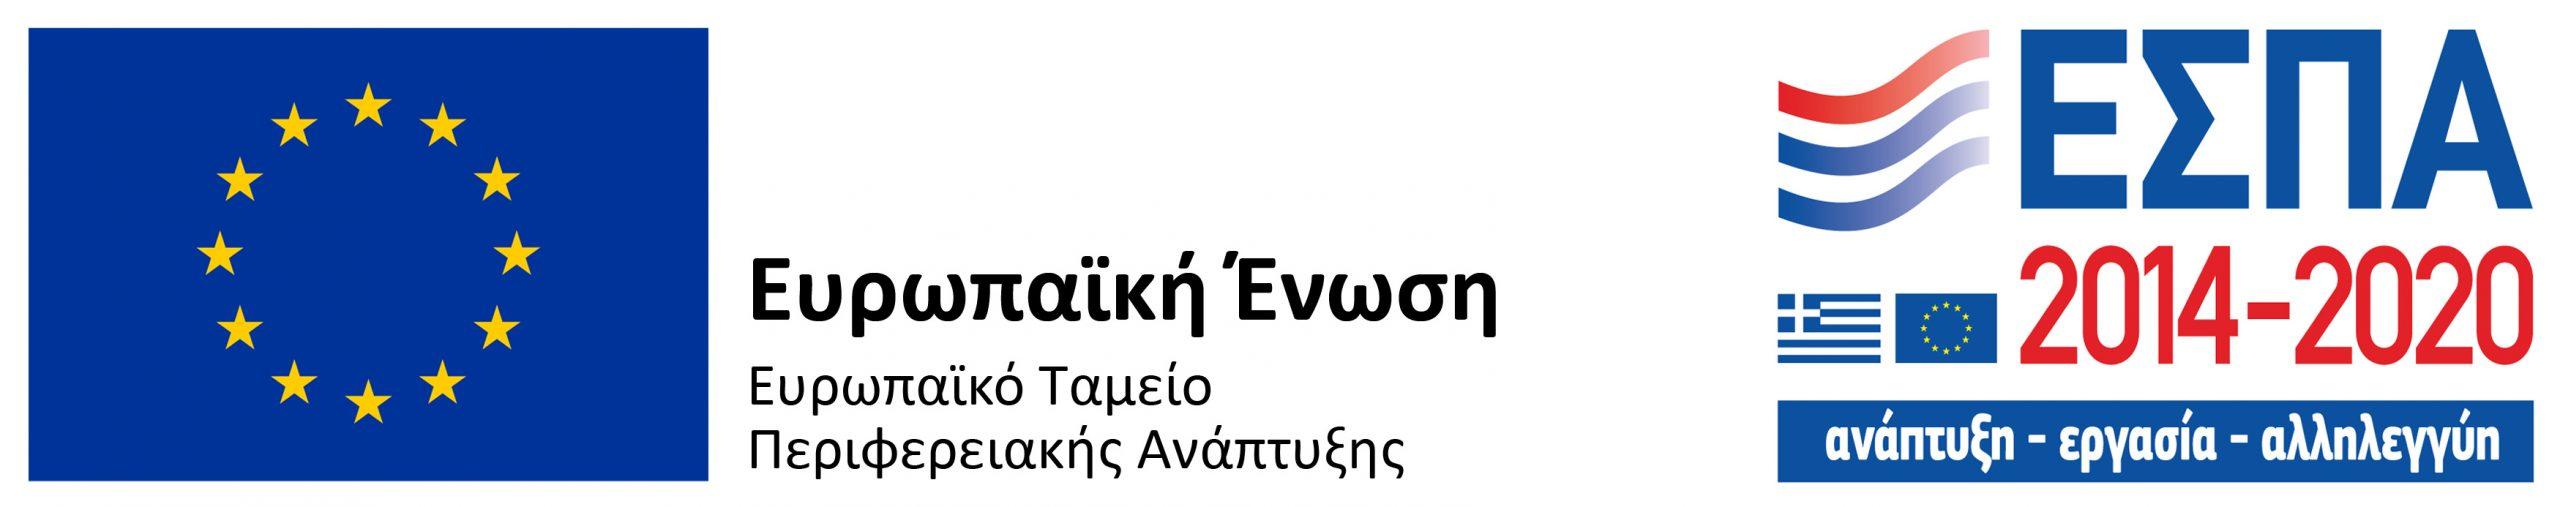 European Union Regional Development Fund Banner